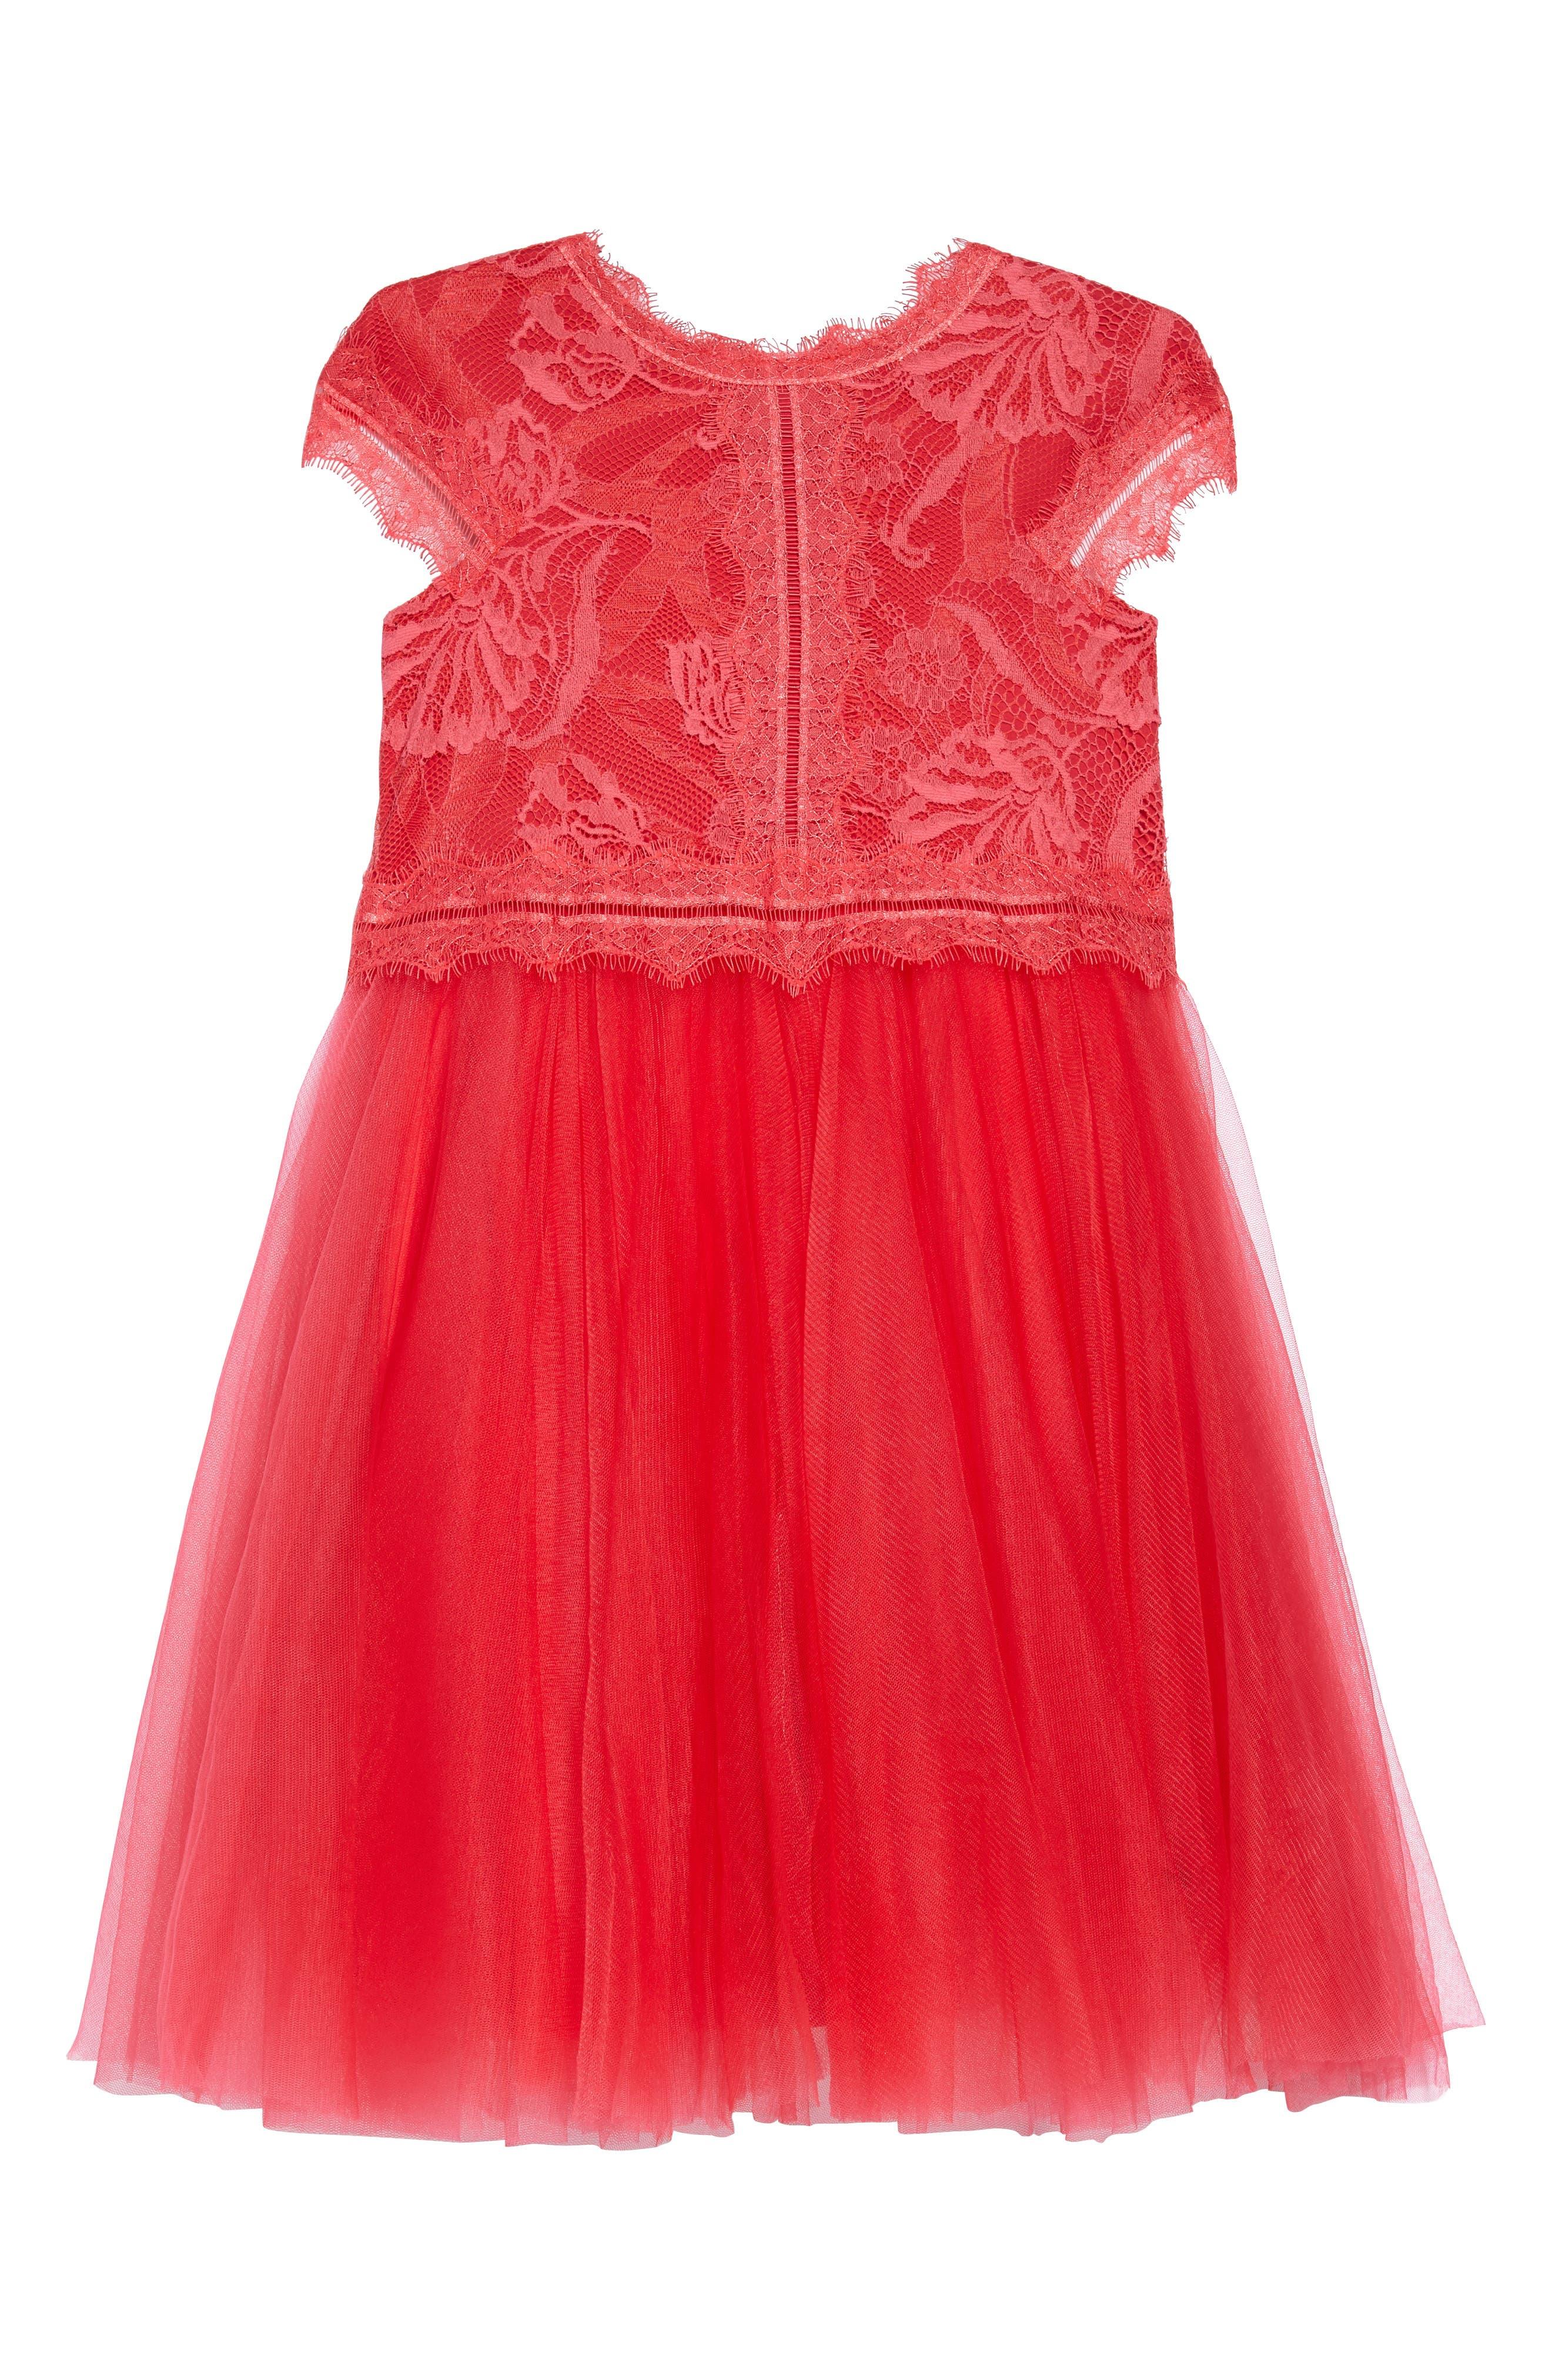 Tadashi Shoji Floral Lace Tulle Dress (Toddler Girls, Little Girls & Big Girls)